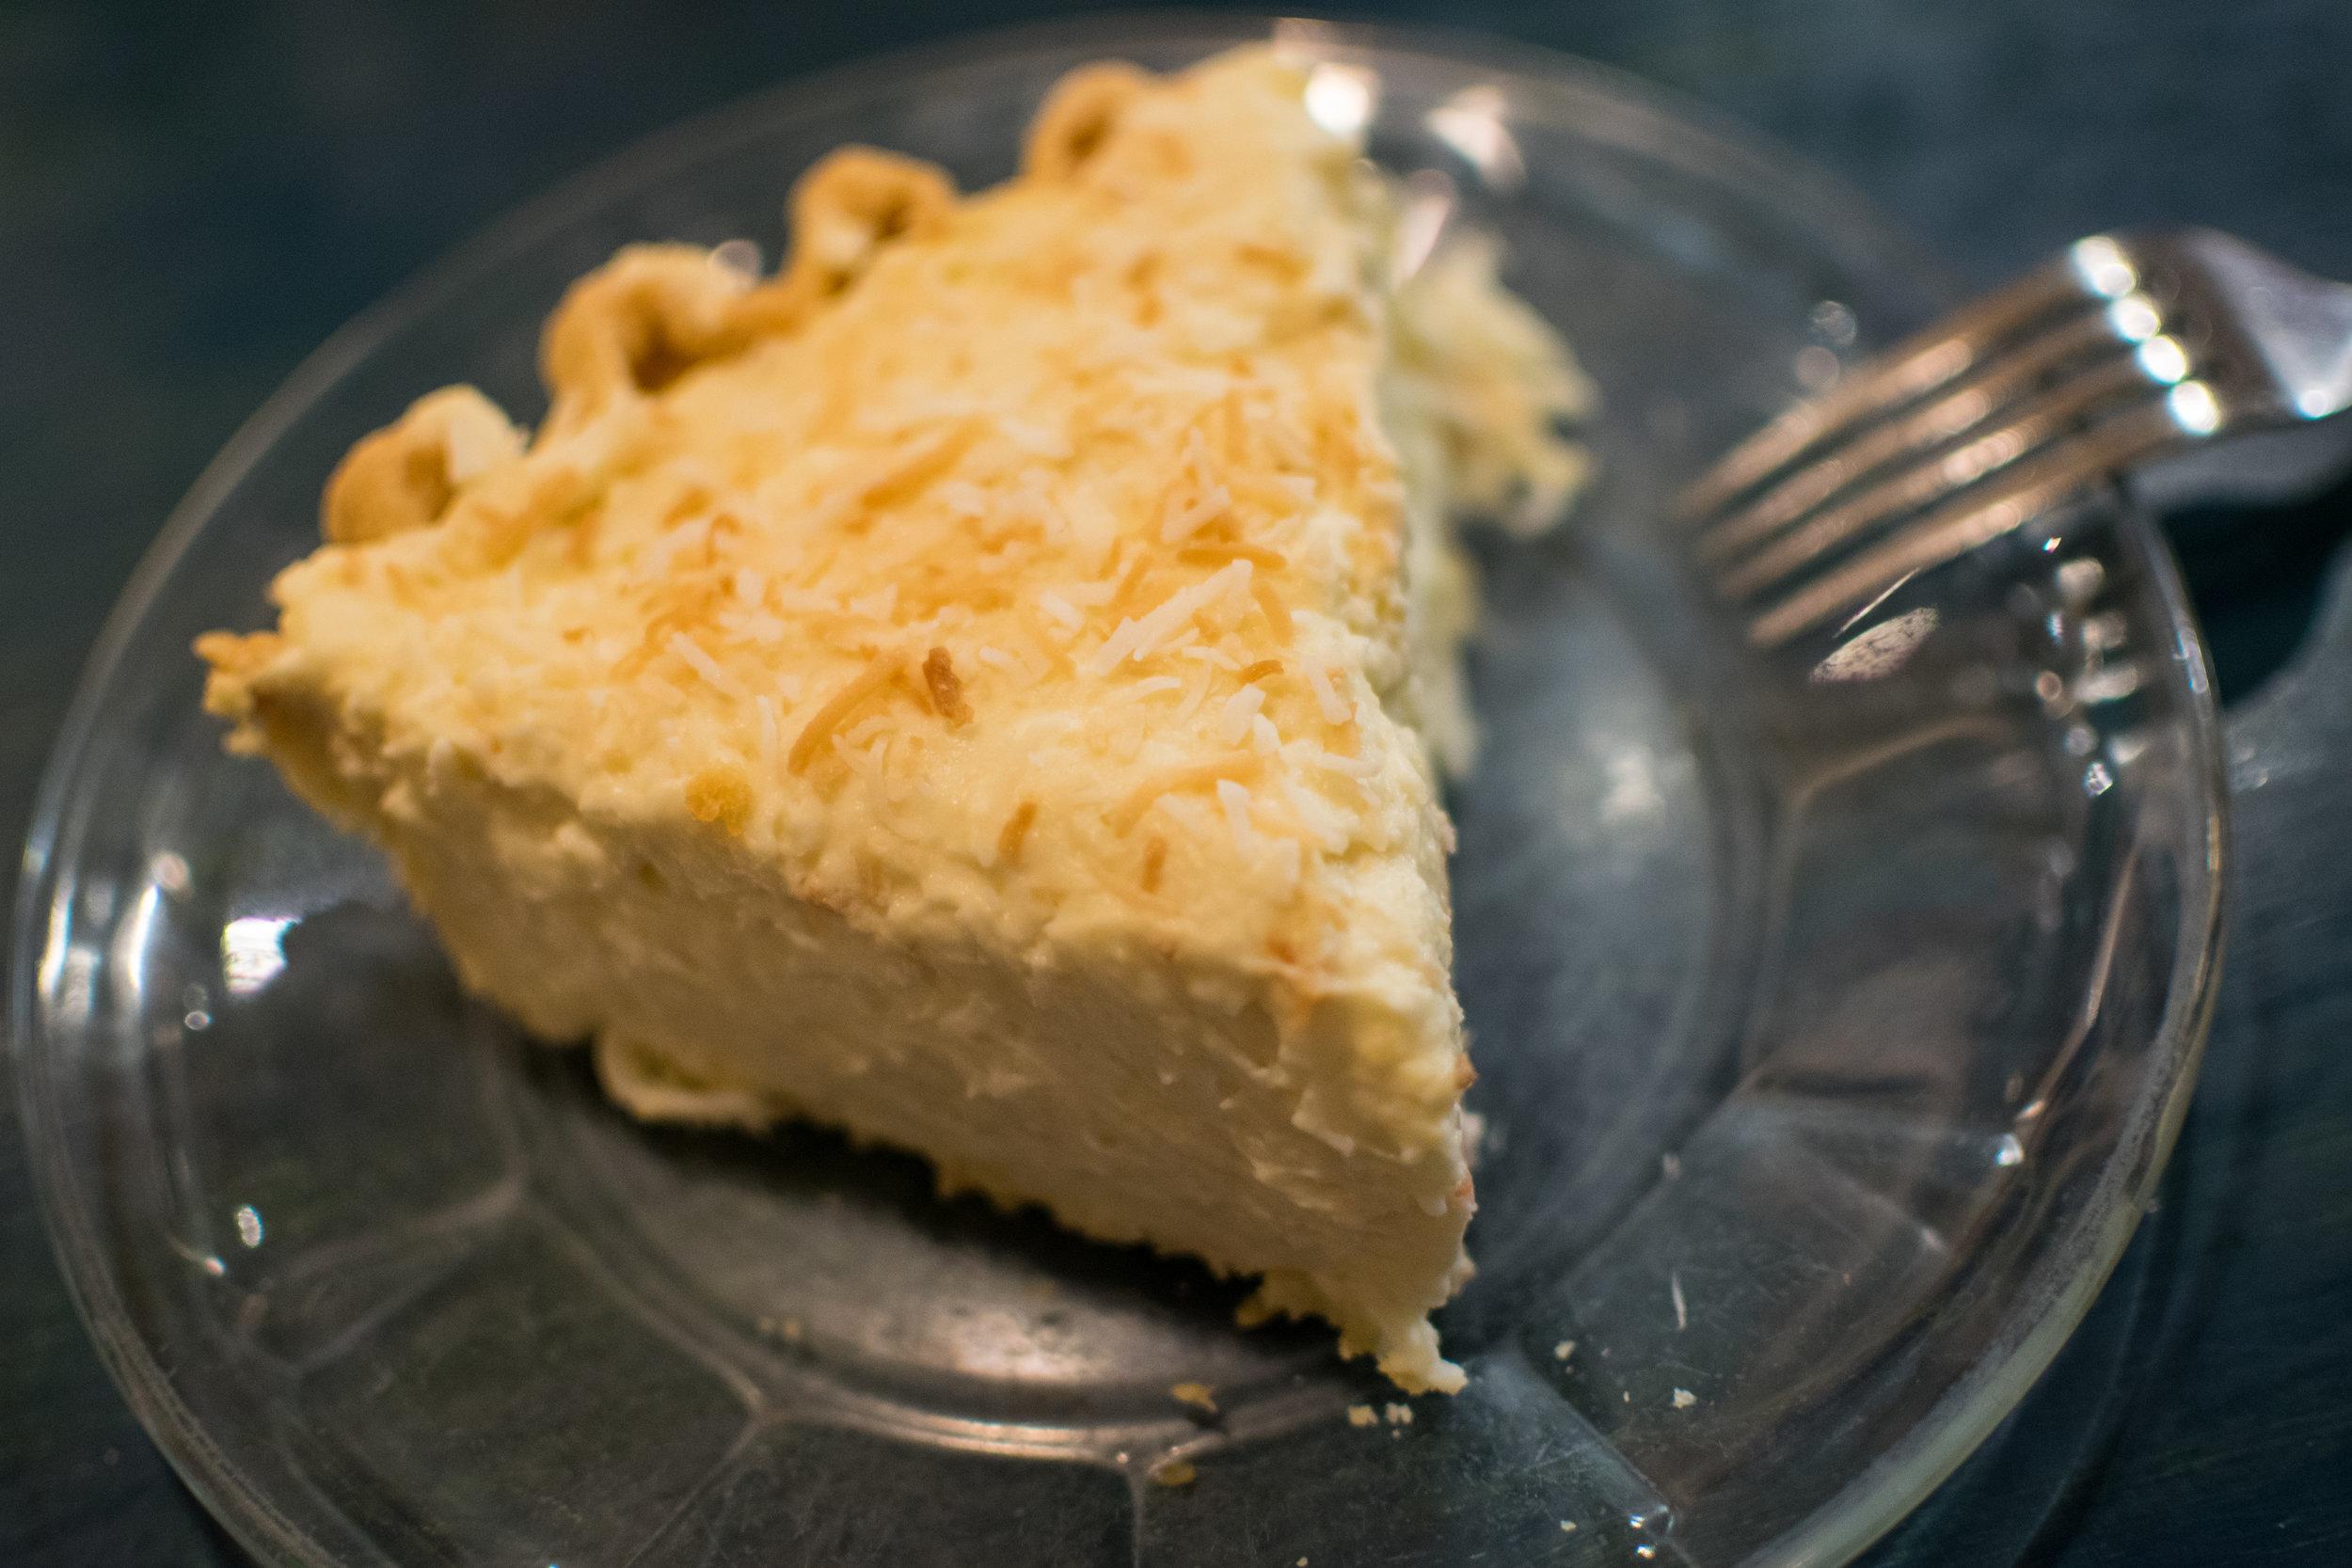 My beloved coconut cream pie